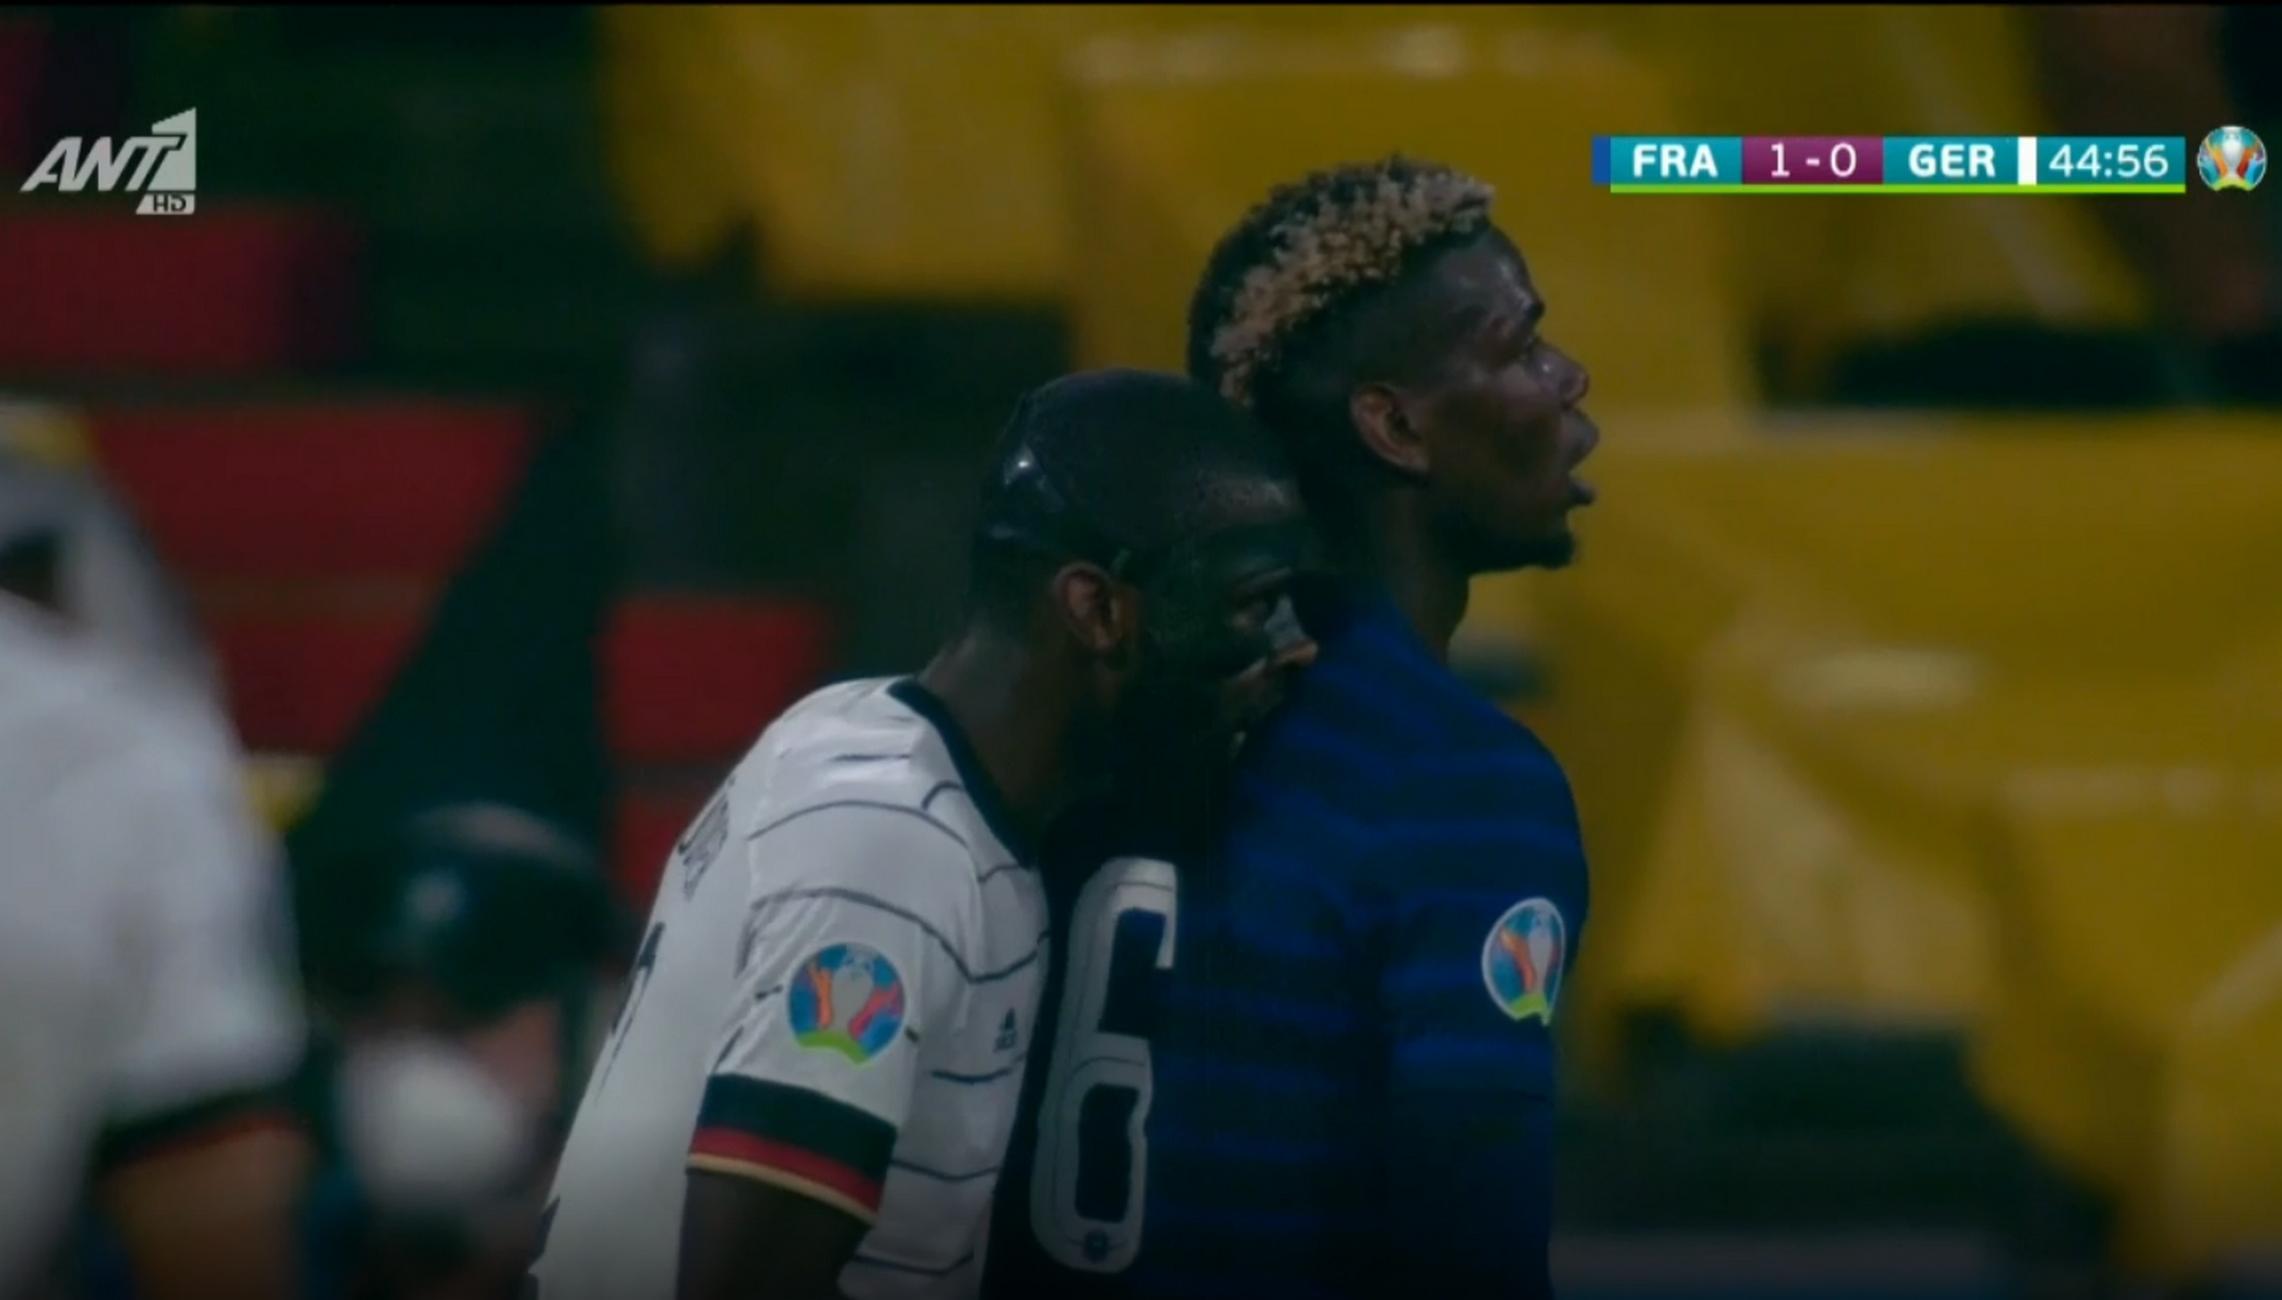 Euro 2020, Γαλλία – Γερμανία: Ο Ρίντιγκερ δάγκωσε τον Πογκμπά